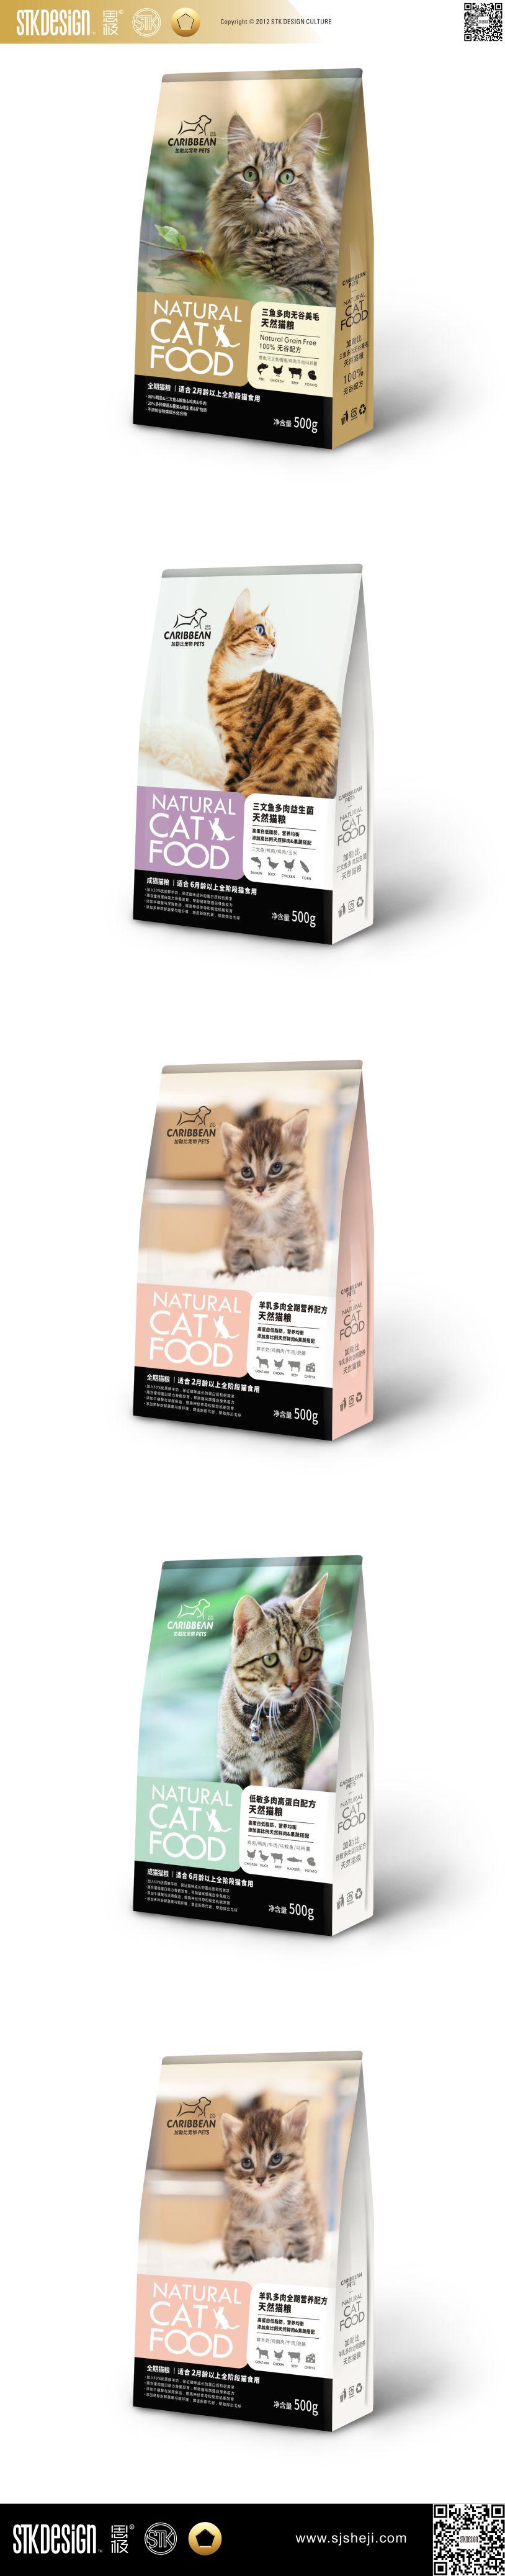 加勒比宠物粮包装设计